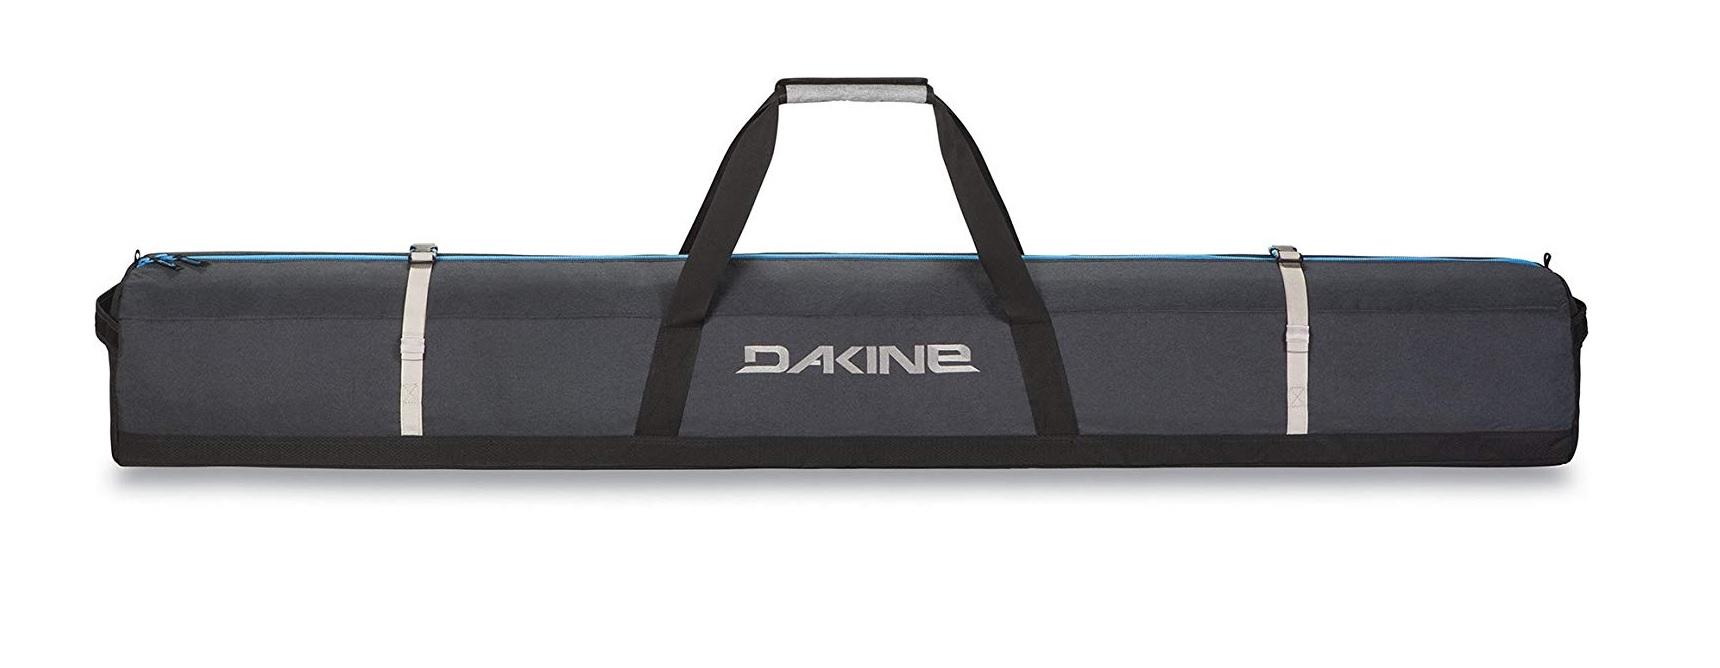 Чехол для горных лыж Dakine Padded Double, tabor, 190 см